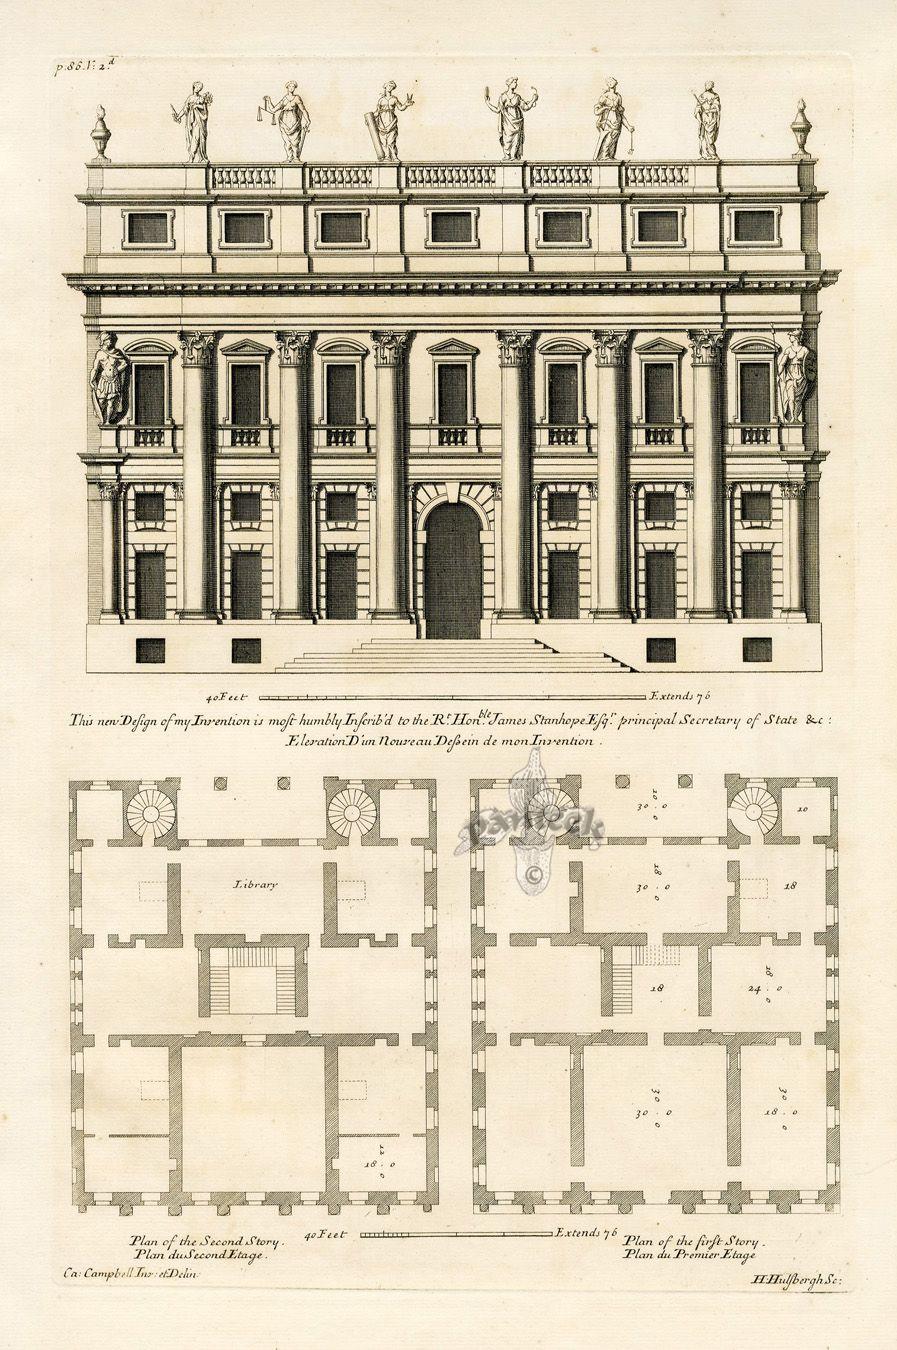 Elevation D Un Plan Archi : Elevation d un nouveau design de mon invention vitruvius